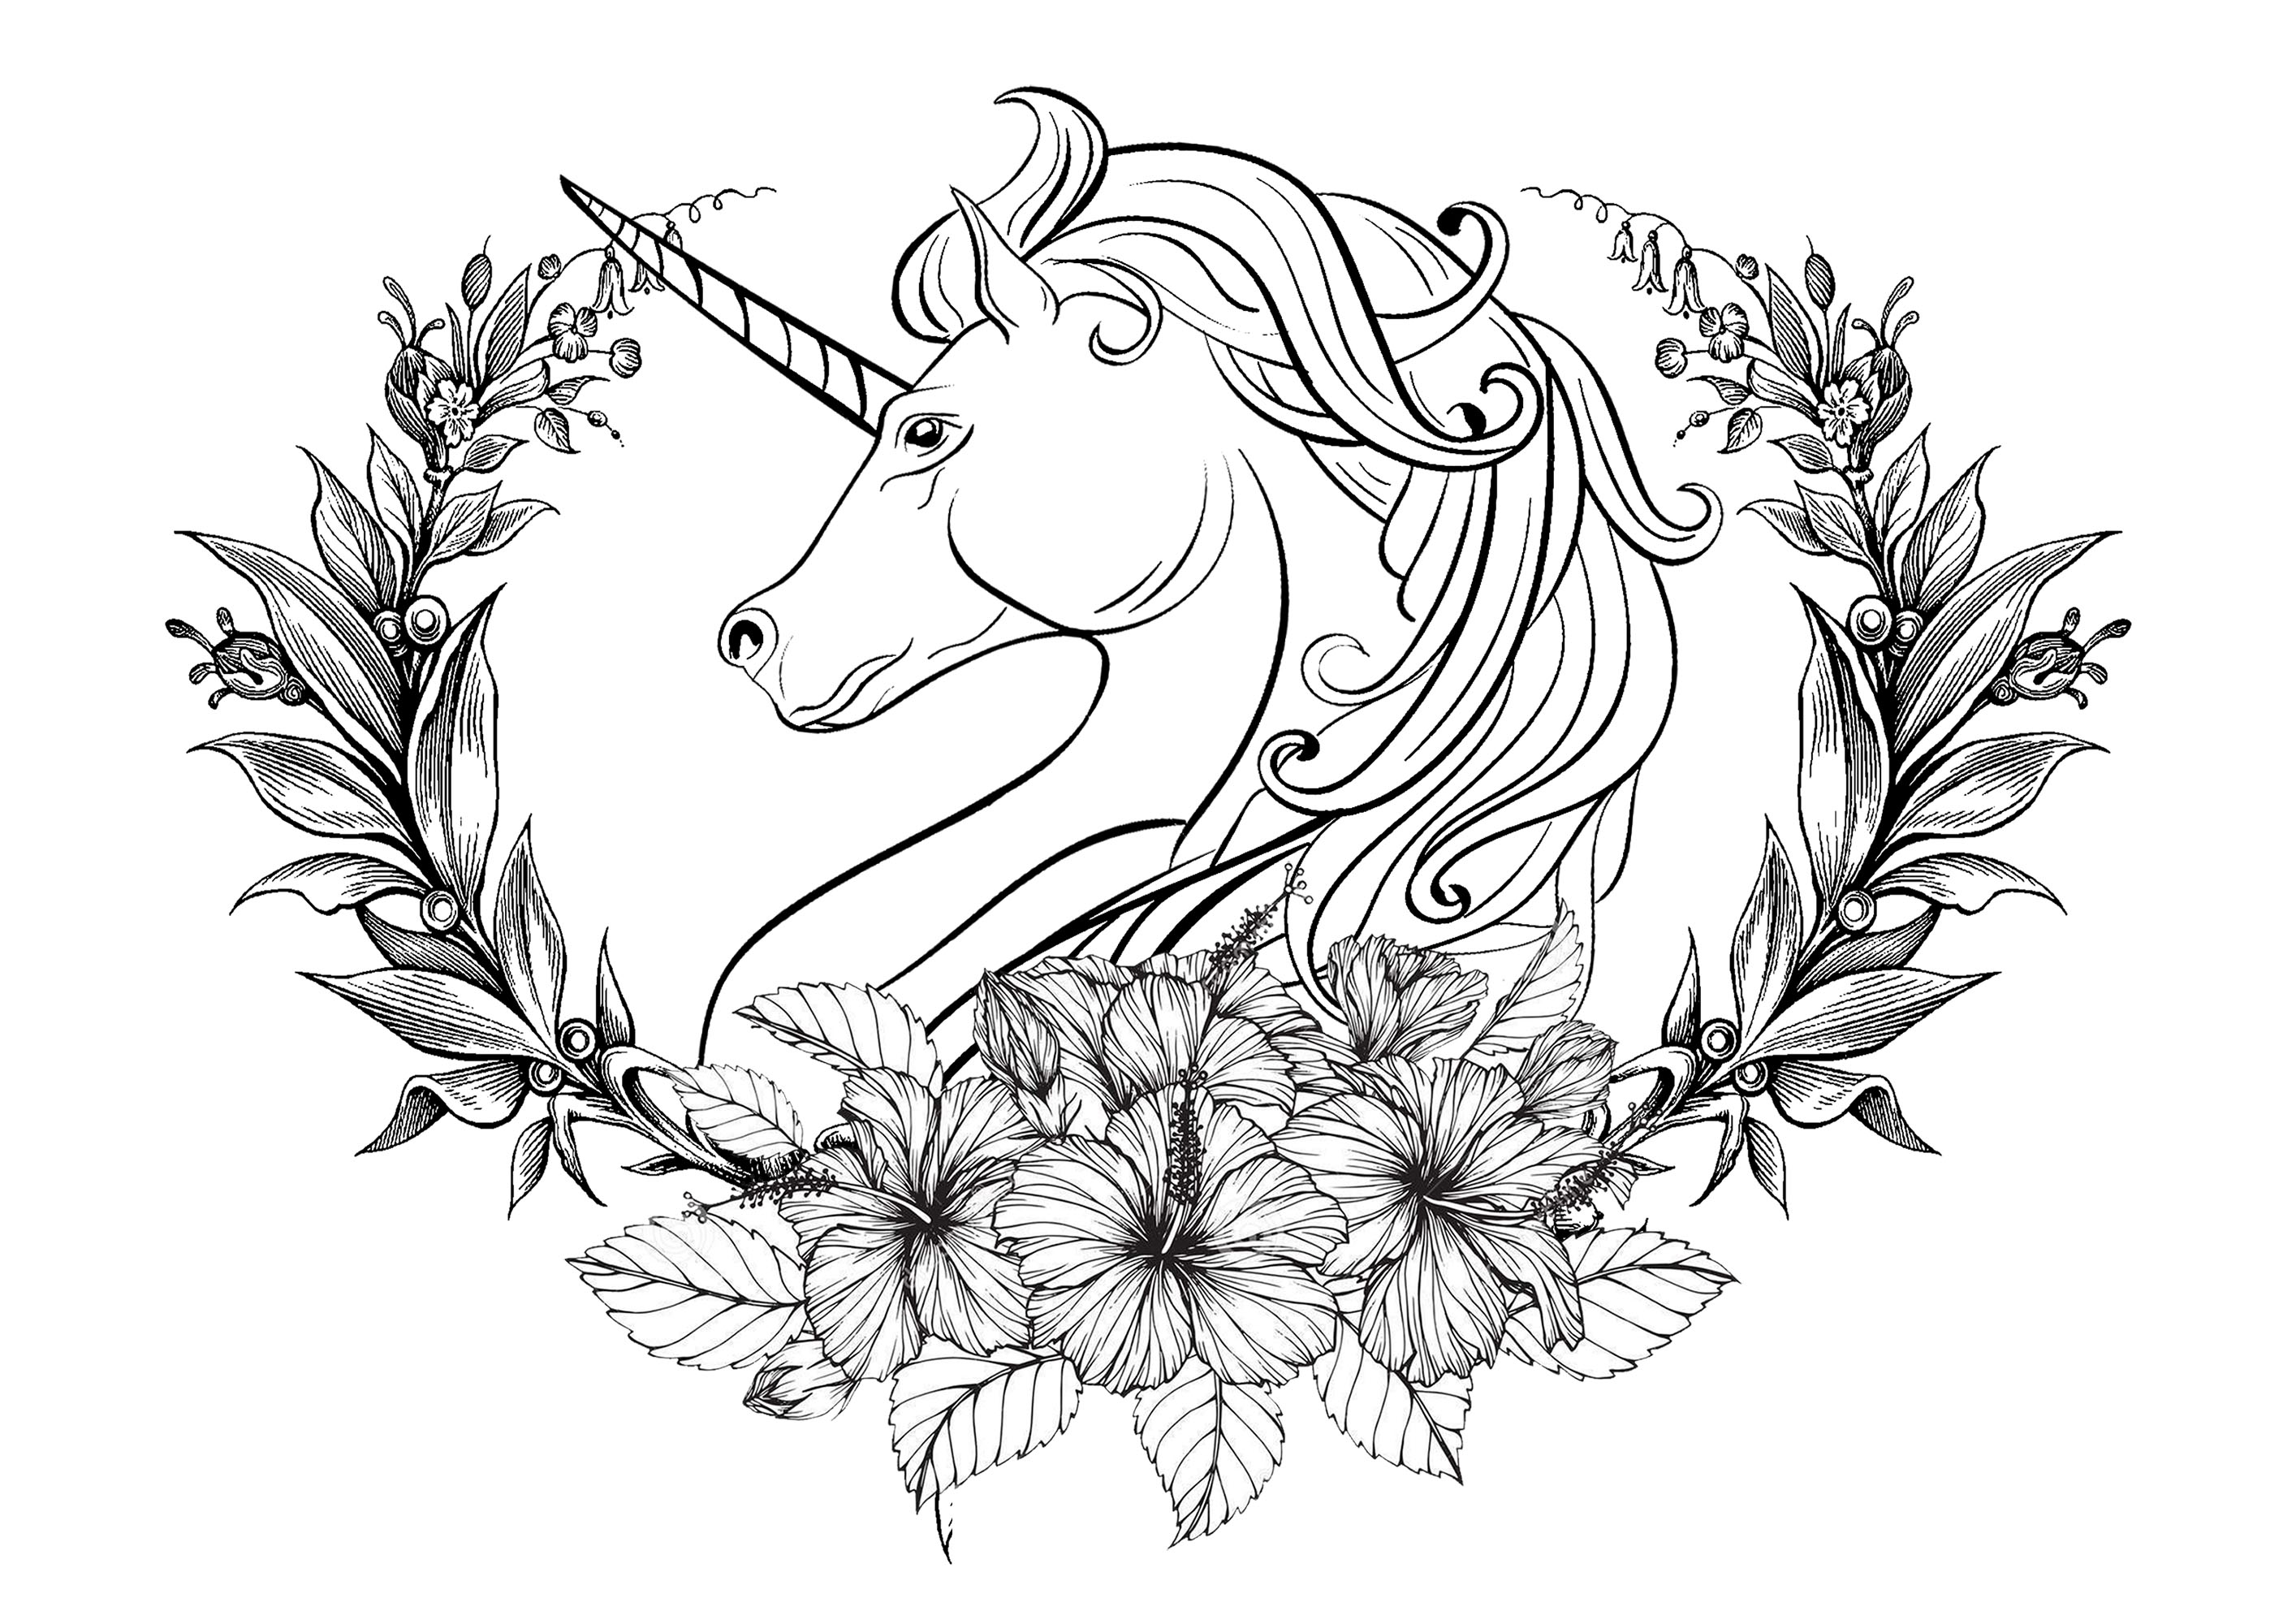 Magnifique tête de licorne entourée d'une couronne de laurier, avec des fleurs de diverses tailles sur le devant